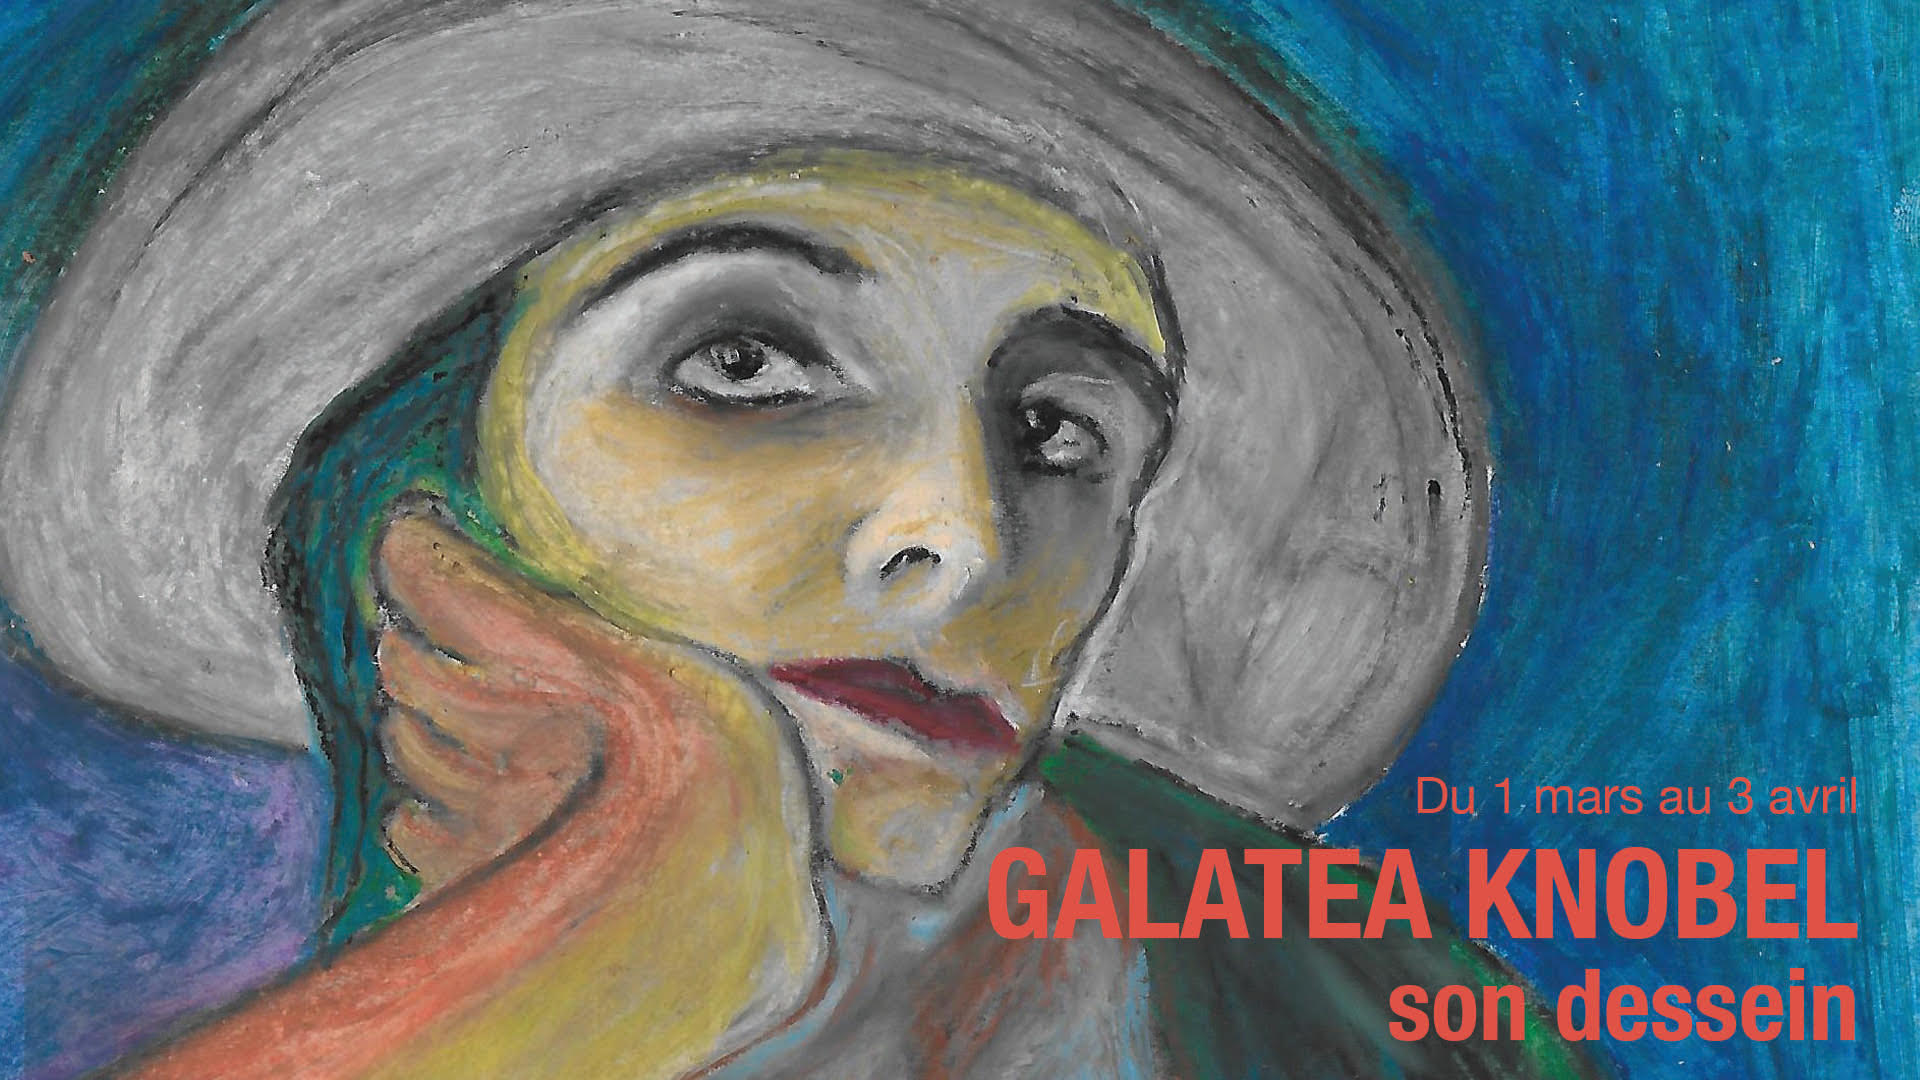 Jeudi 1 – 18h à 20h – Galatea Knobel : son dessein, du 1 mars au 3 avril